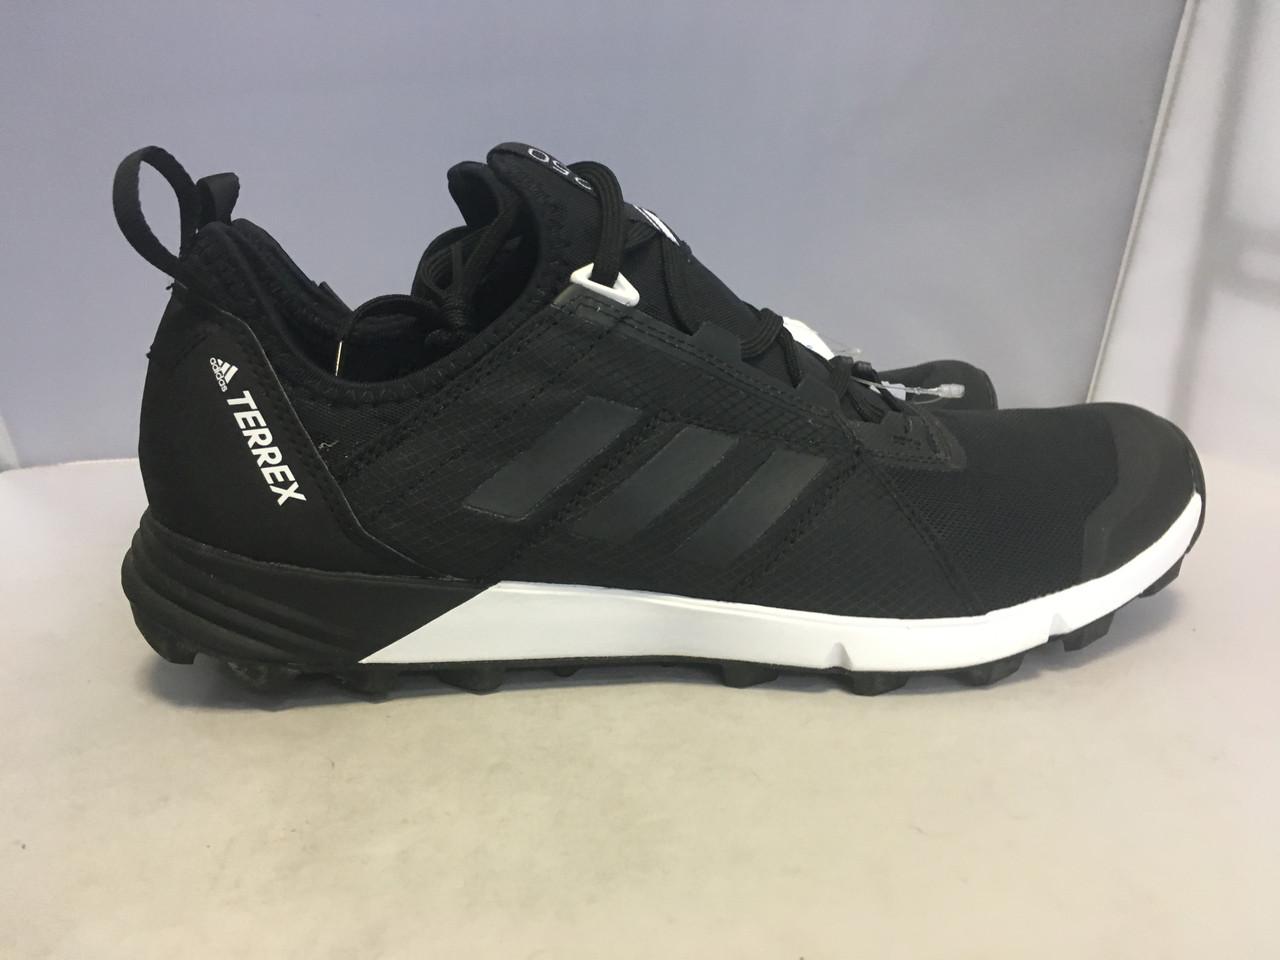 Мужские кроссовки Adidas Terrex, 45 размер